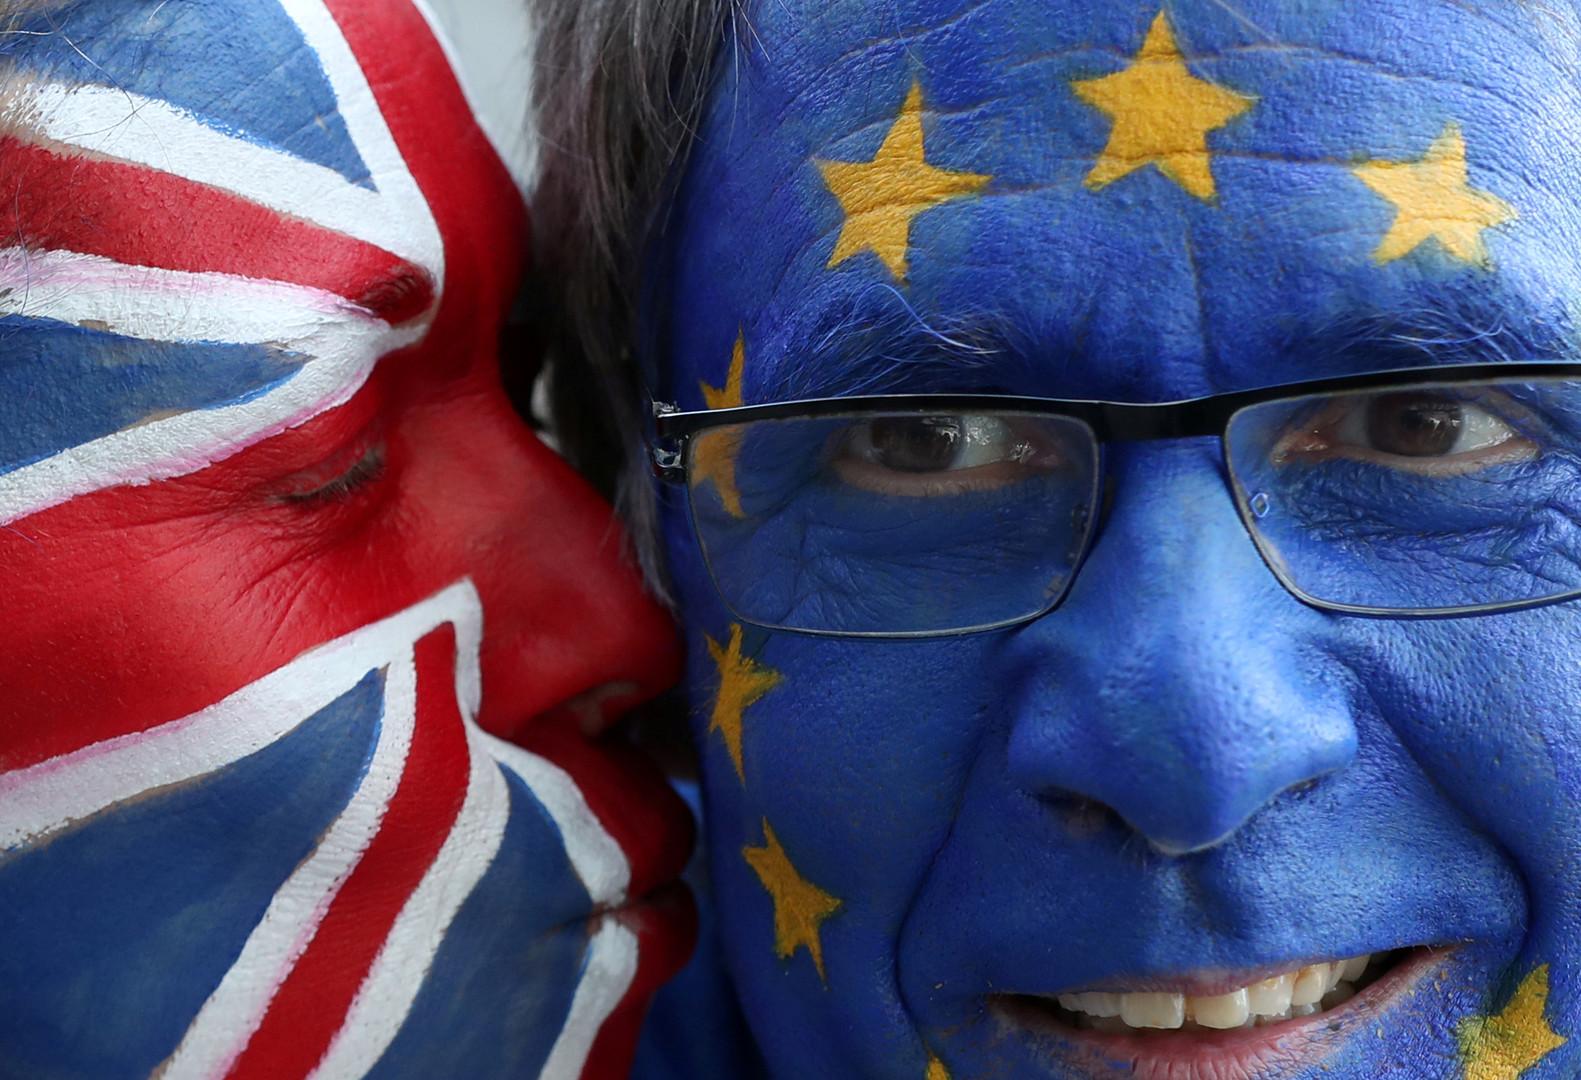 الاتحاد الأوروبي يوافق على تأجيل خروج بريطانيا.. لكن بشرط style=